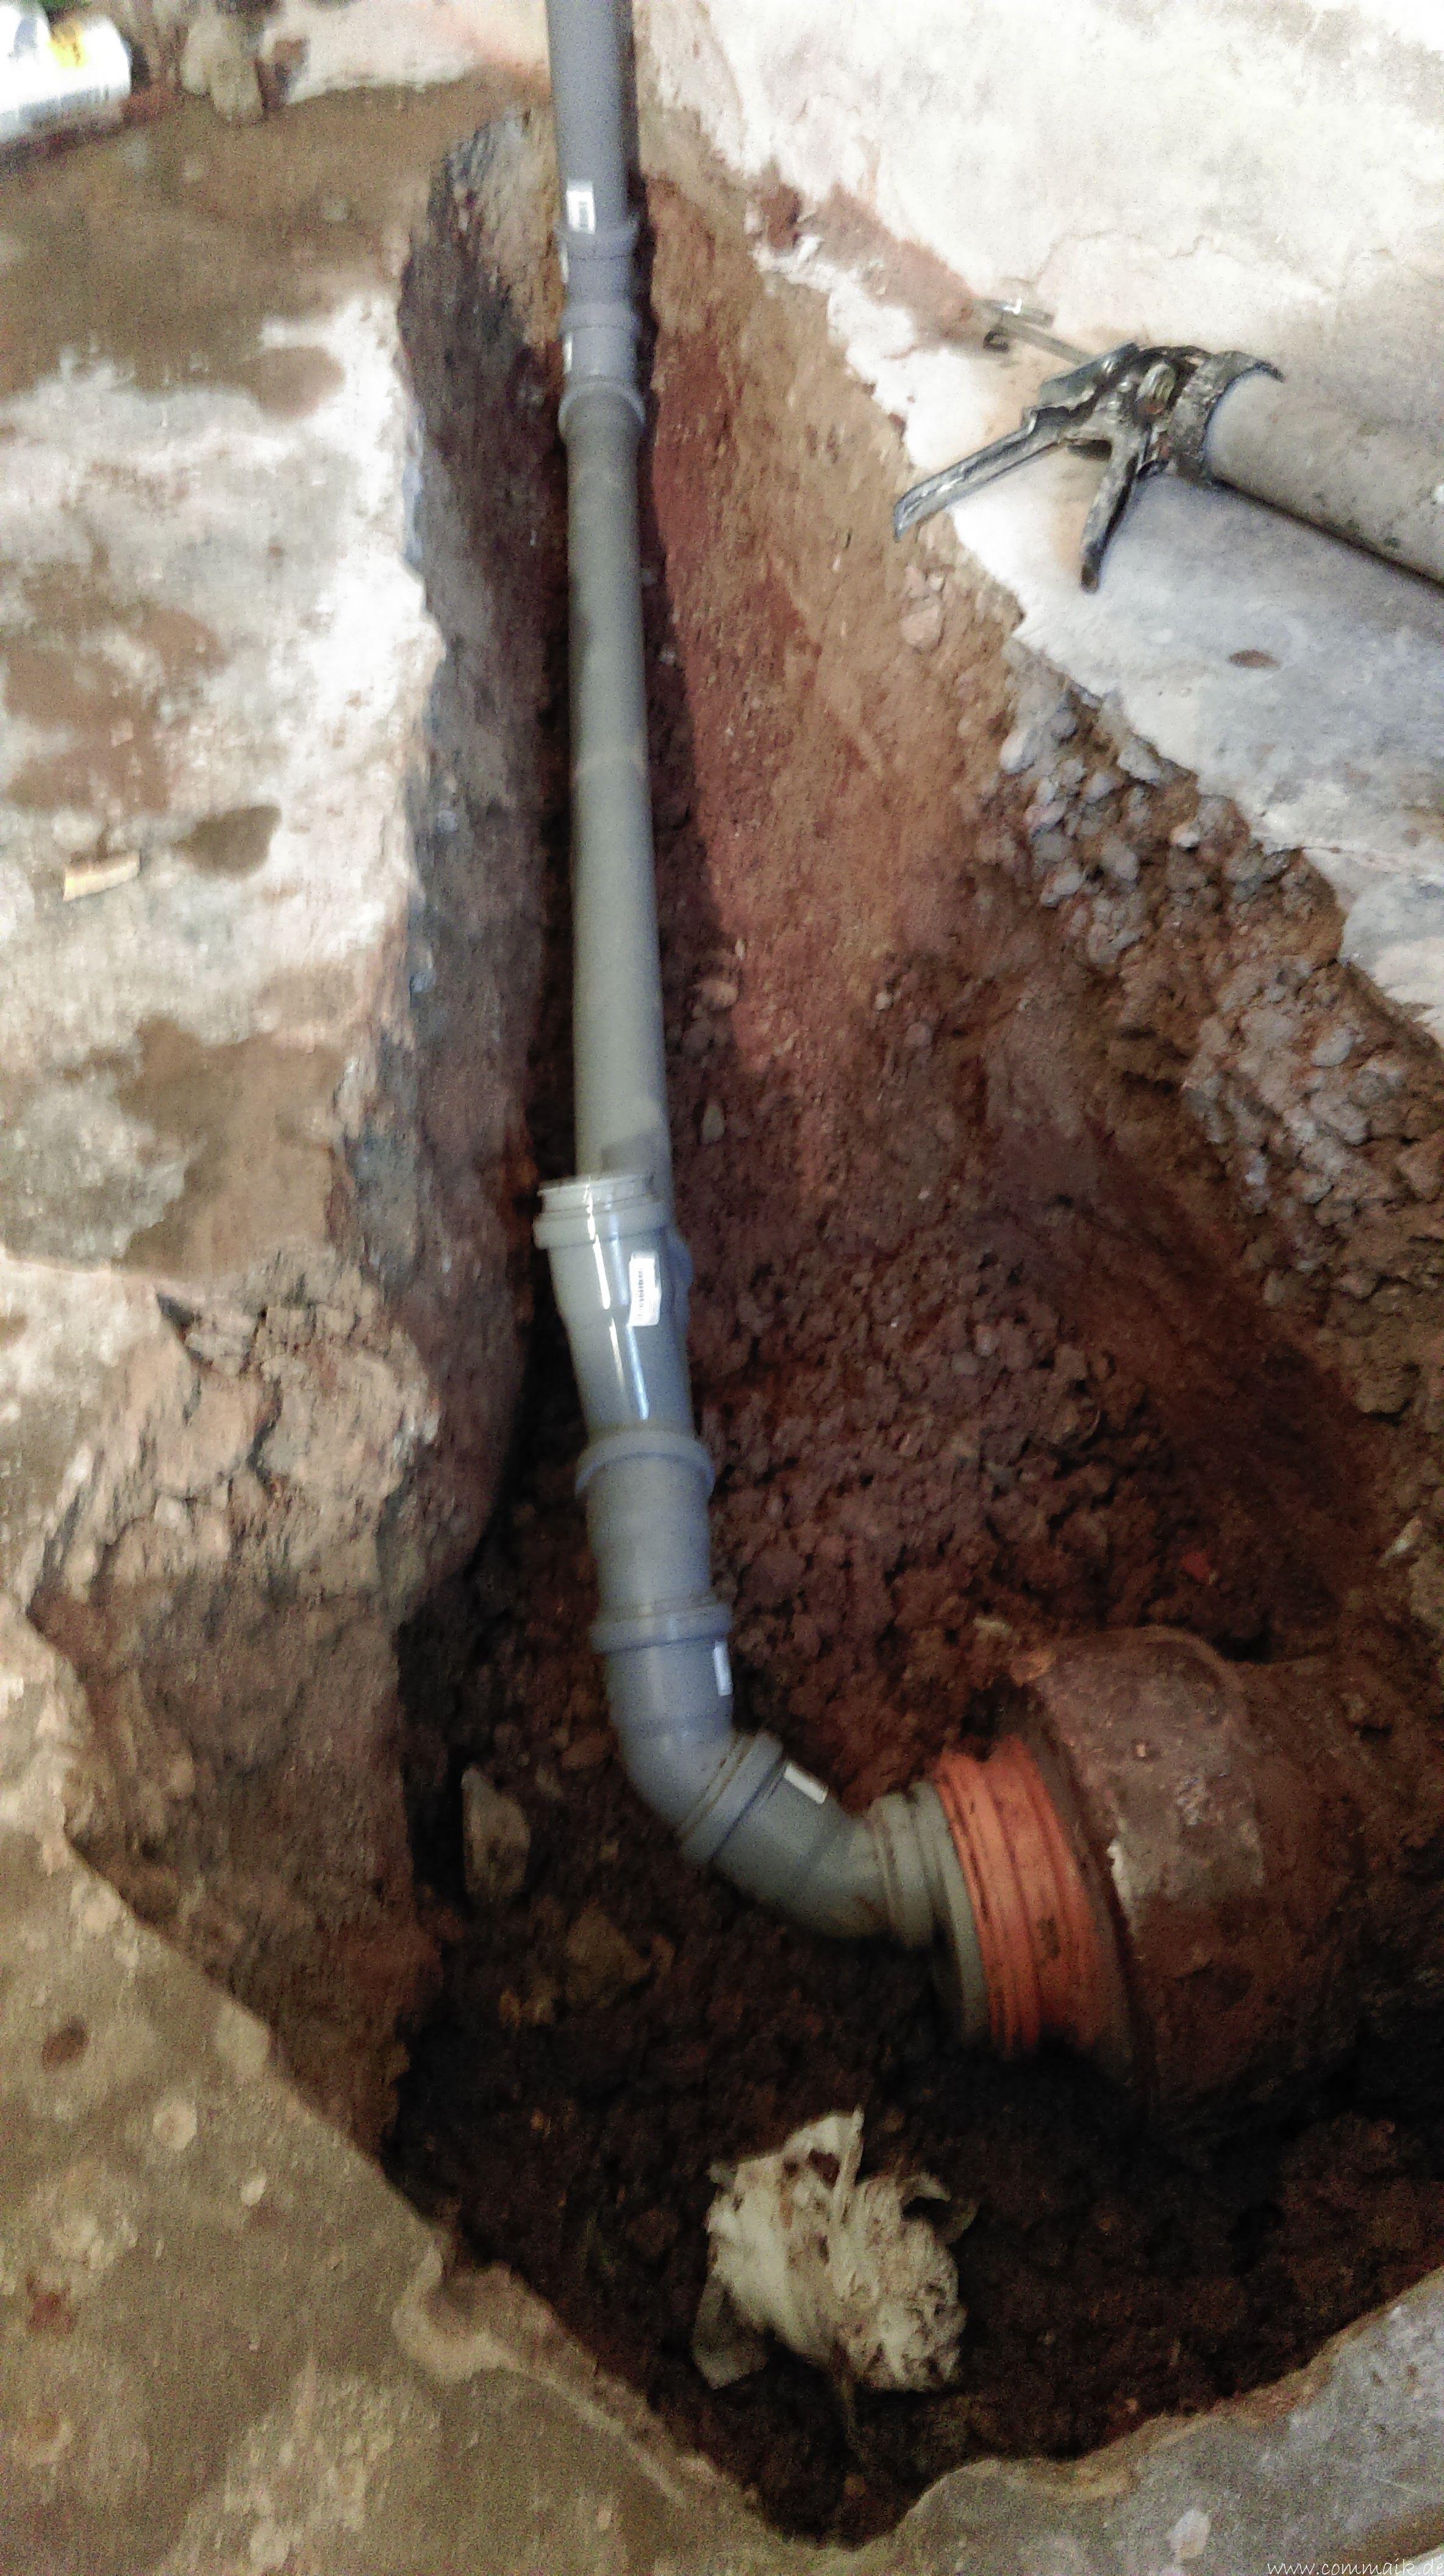 Ein Neuer Ht Abfluss Wird In Das Alte Tonrohr Eingebunden Abfluss Rohre Im Keller